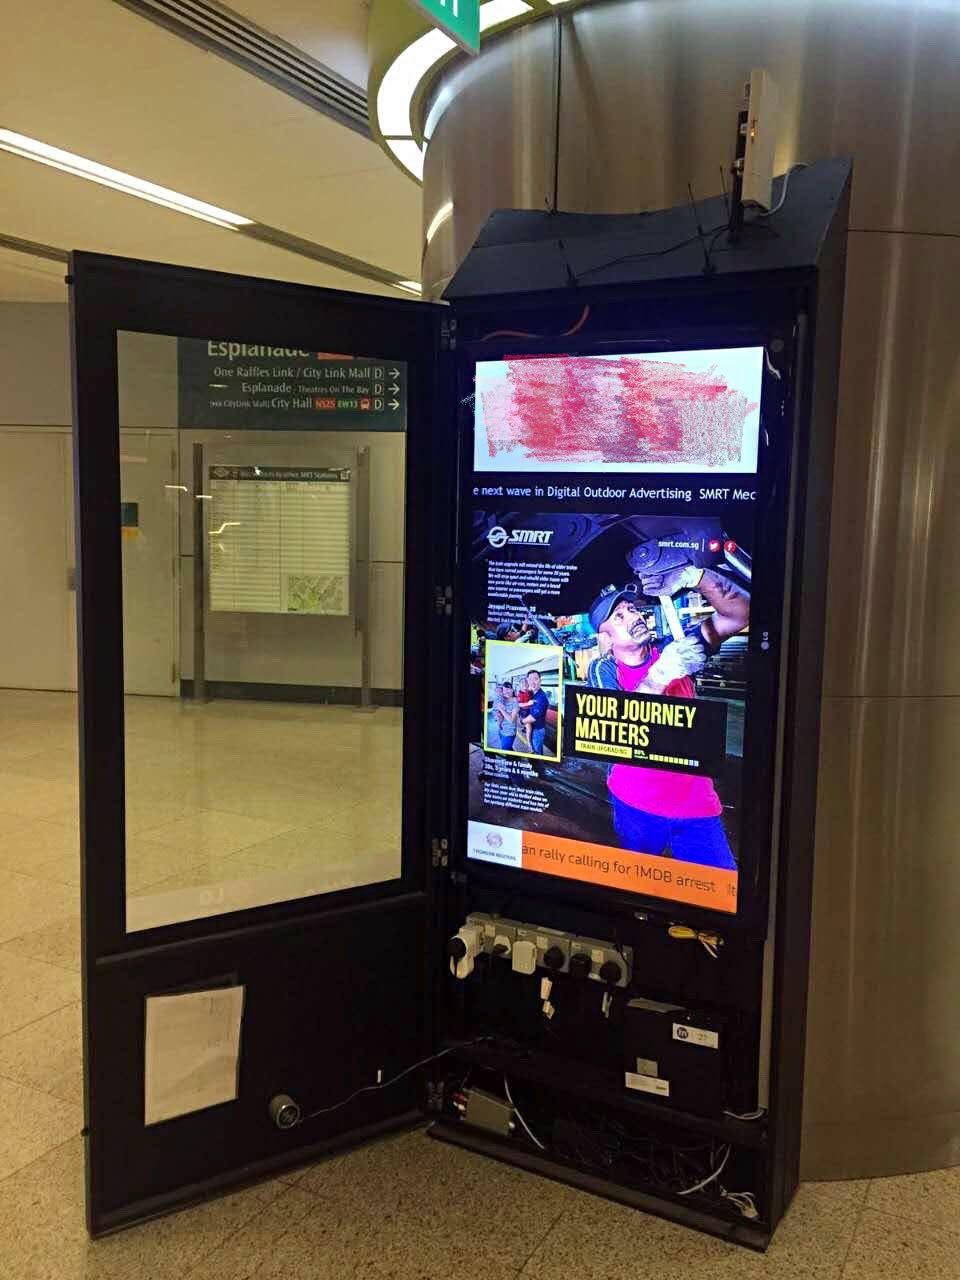 智能供电管理,涂鸦智能进驻东南亚地铁网络